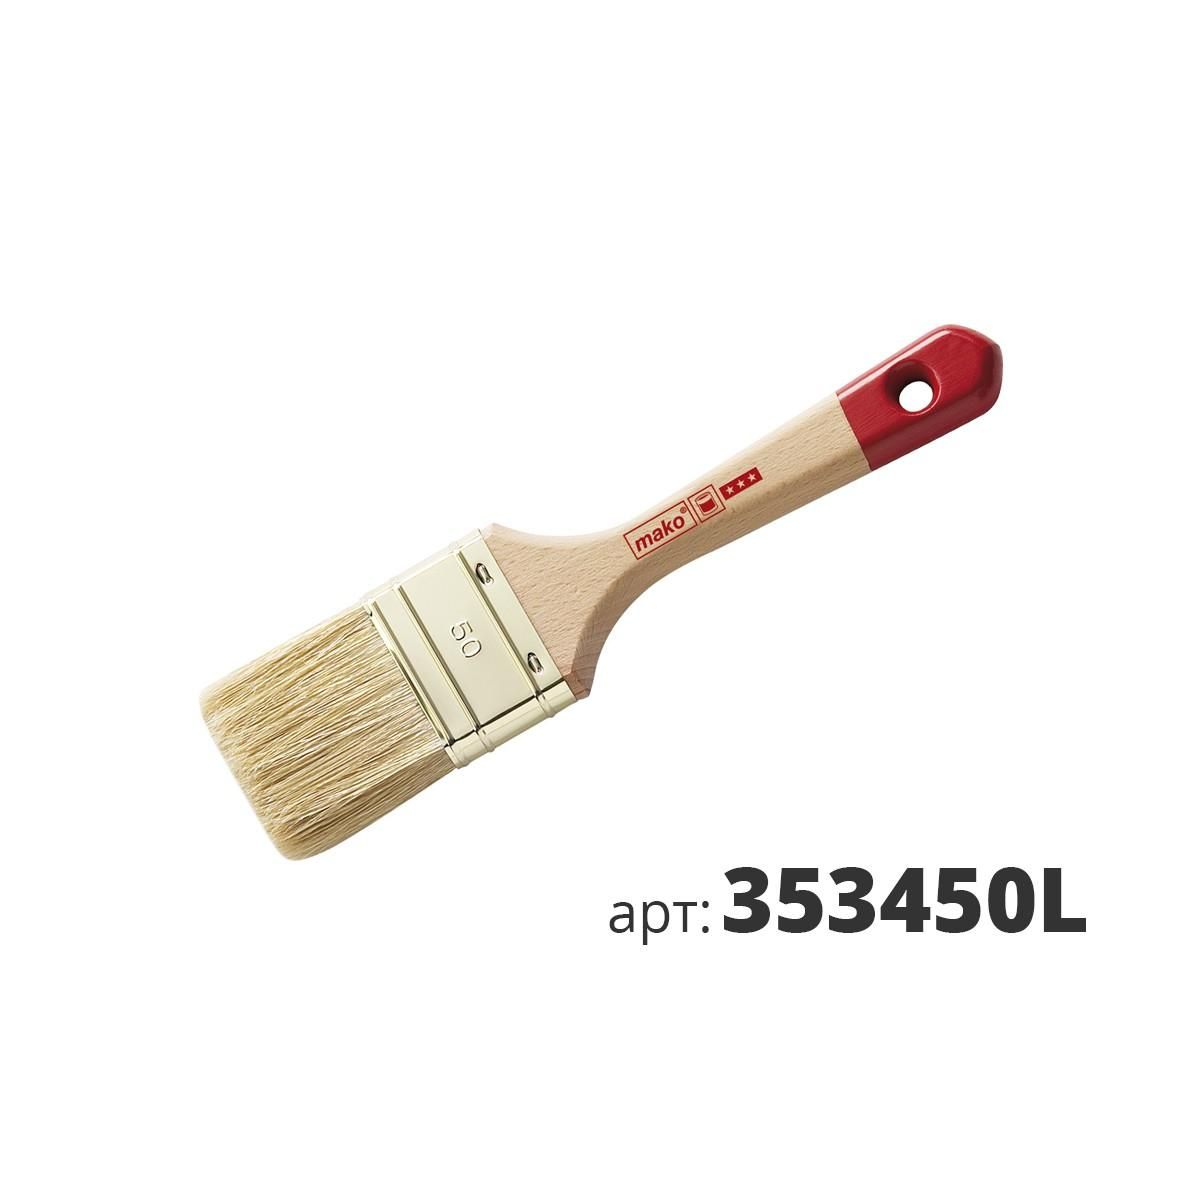 МАКО кисть флейцевая, mako® fil plus смесь щетины 353450L